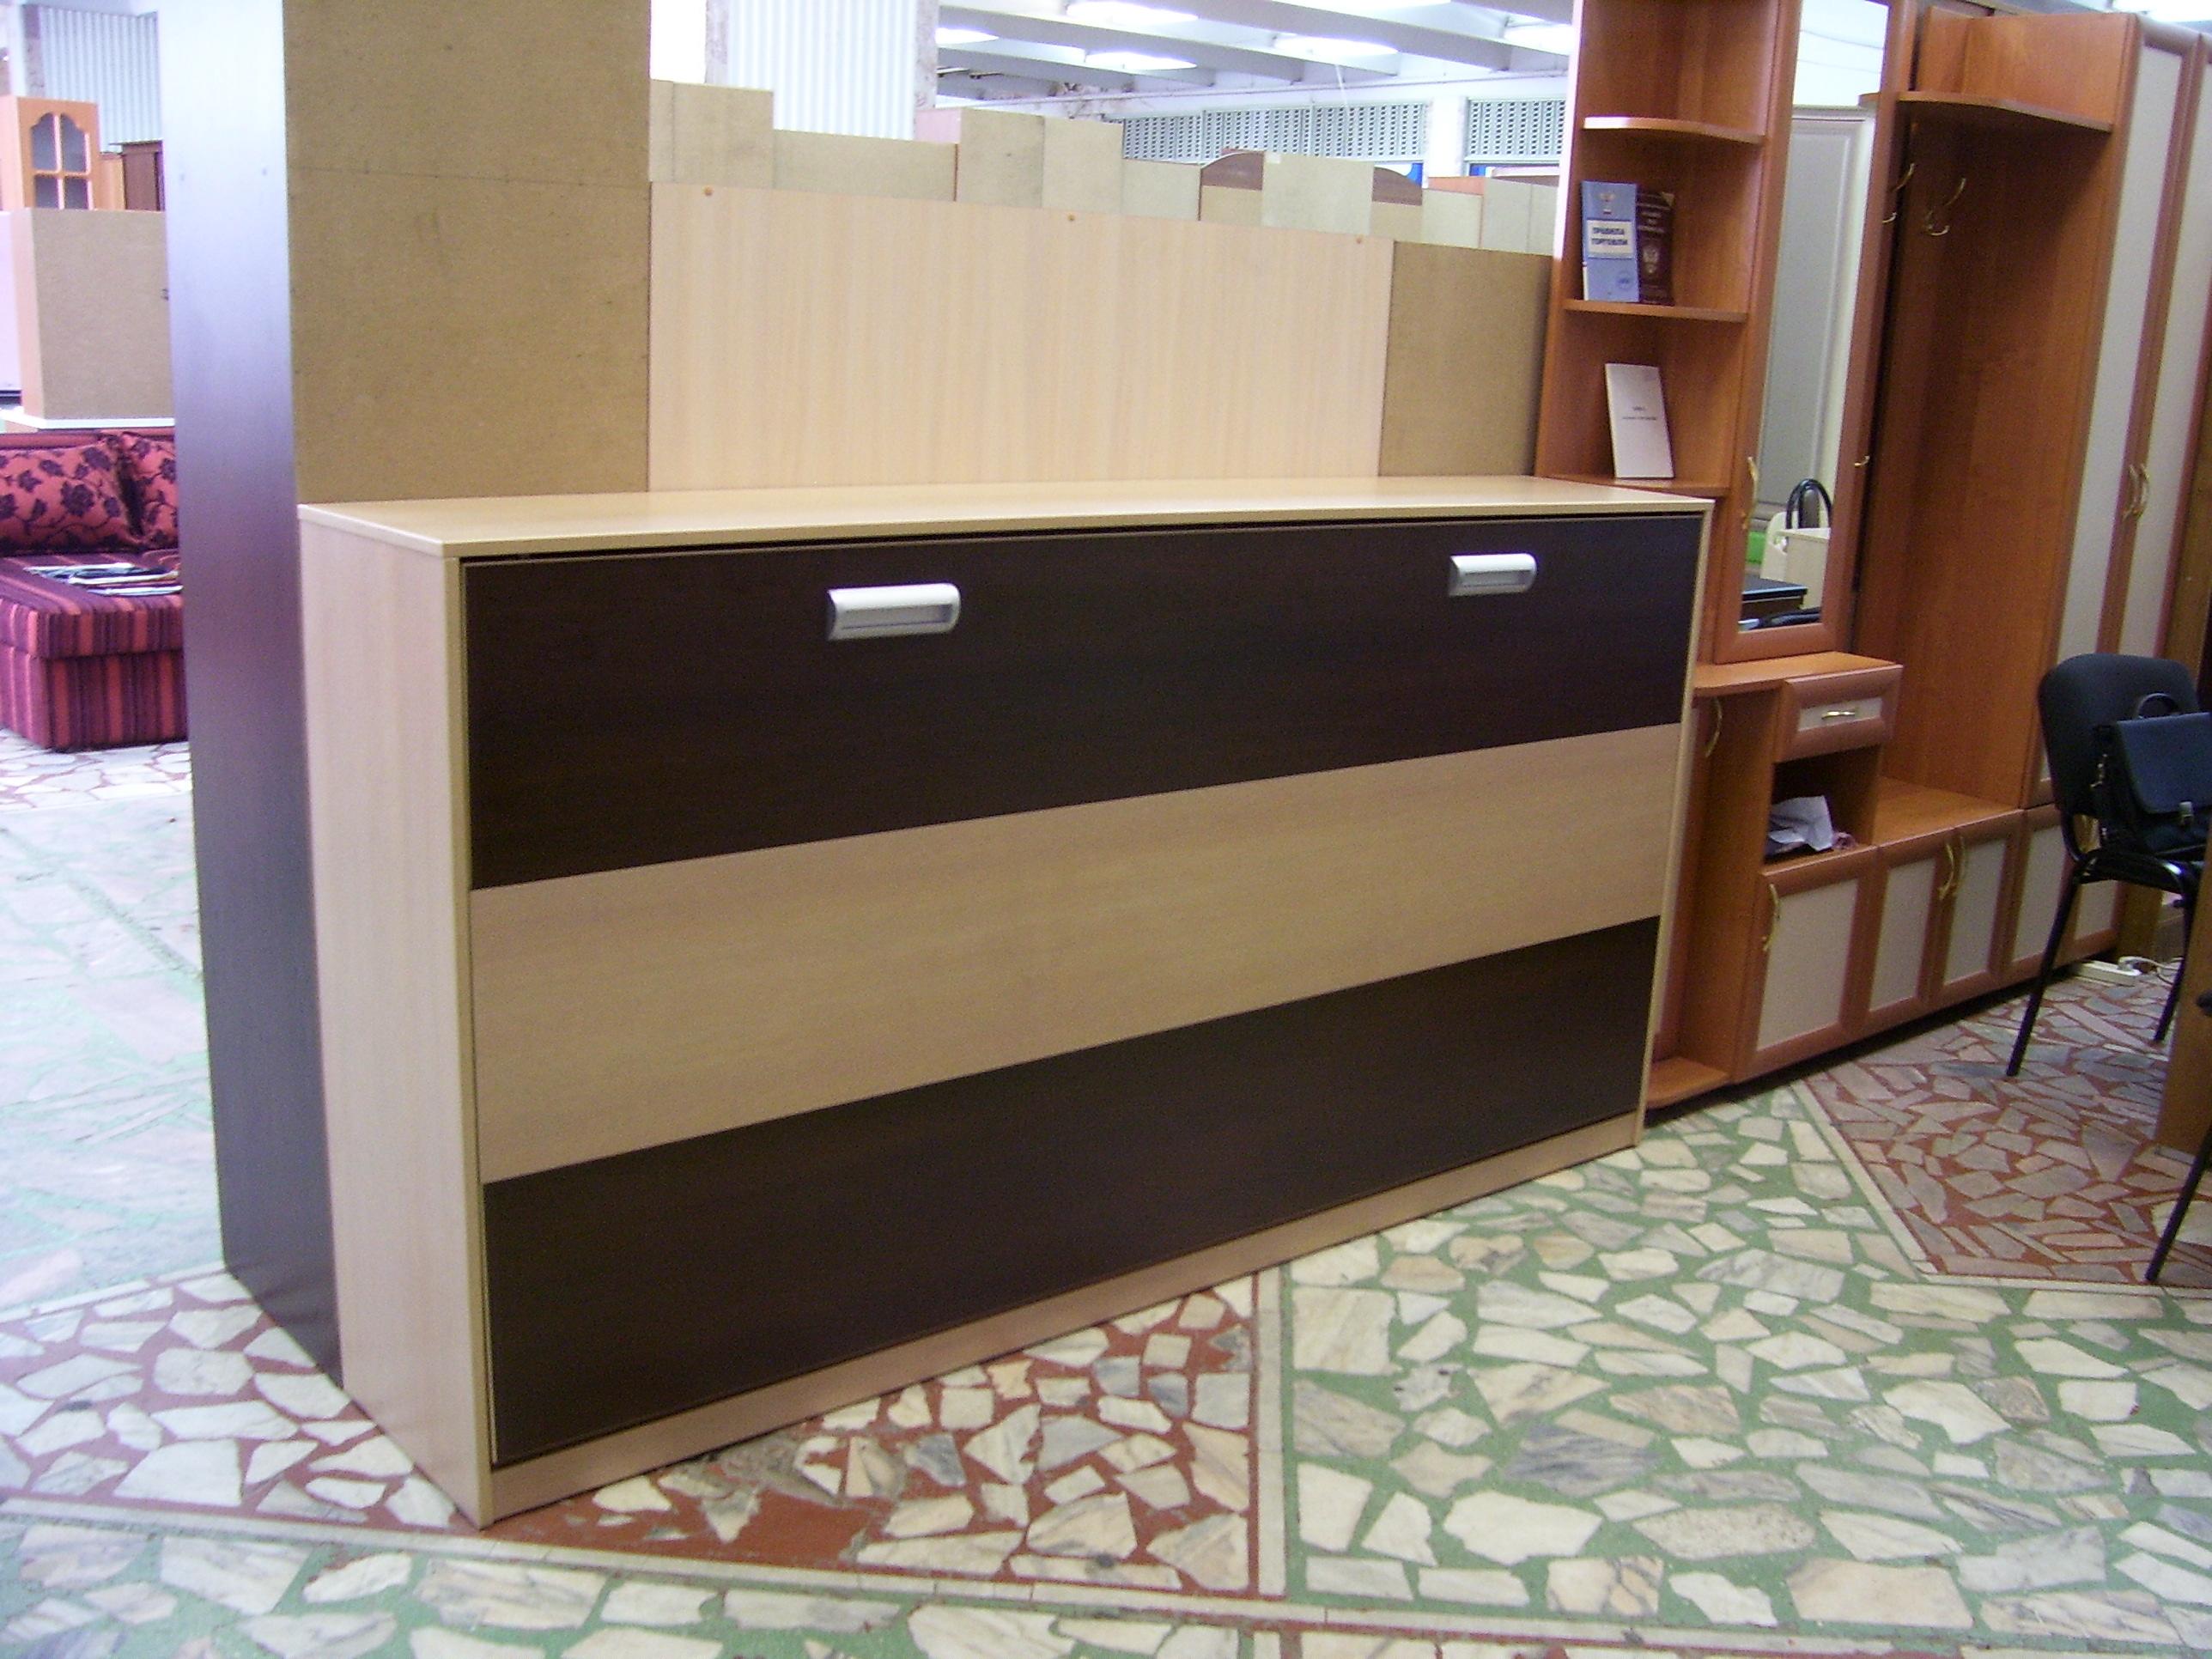 шкаф-кровать в мебельном салоне